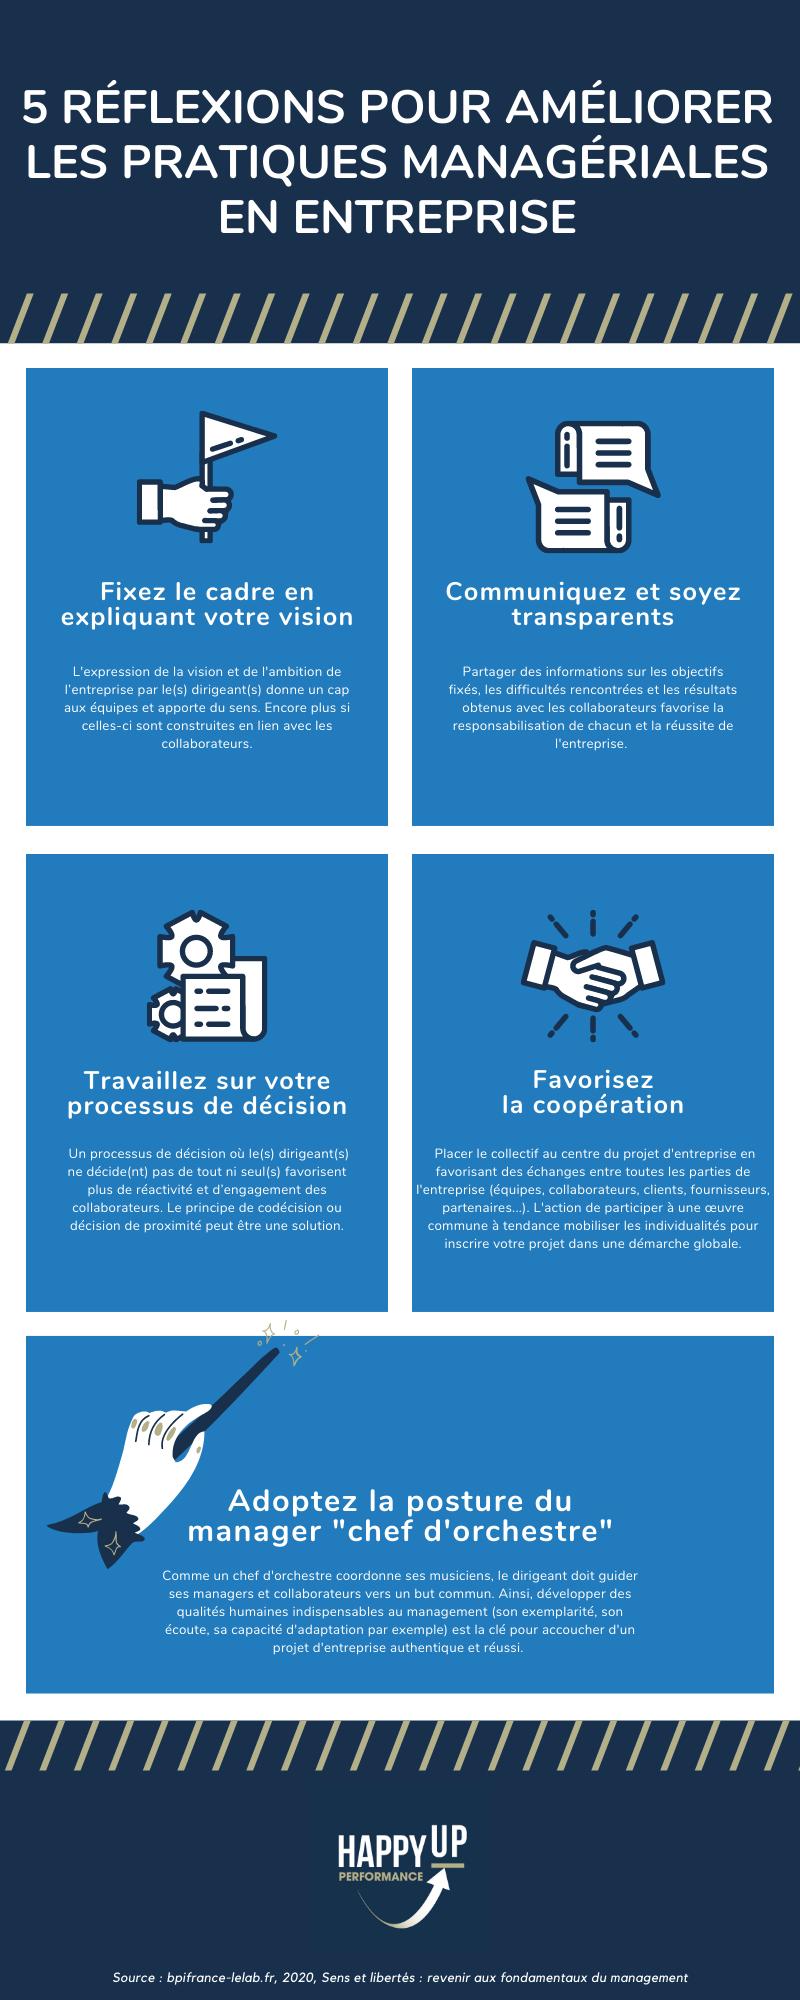 Stratégie de management : 5 axes de travail pour améliorer les pratiques managériales de son entreprise